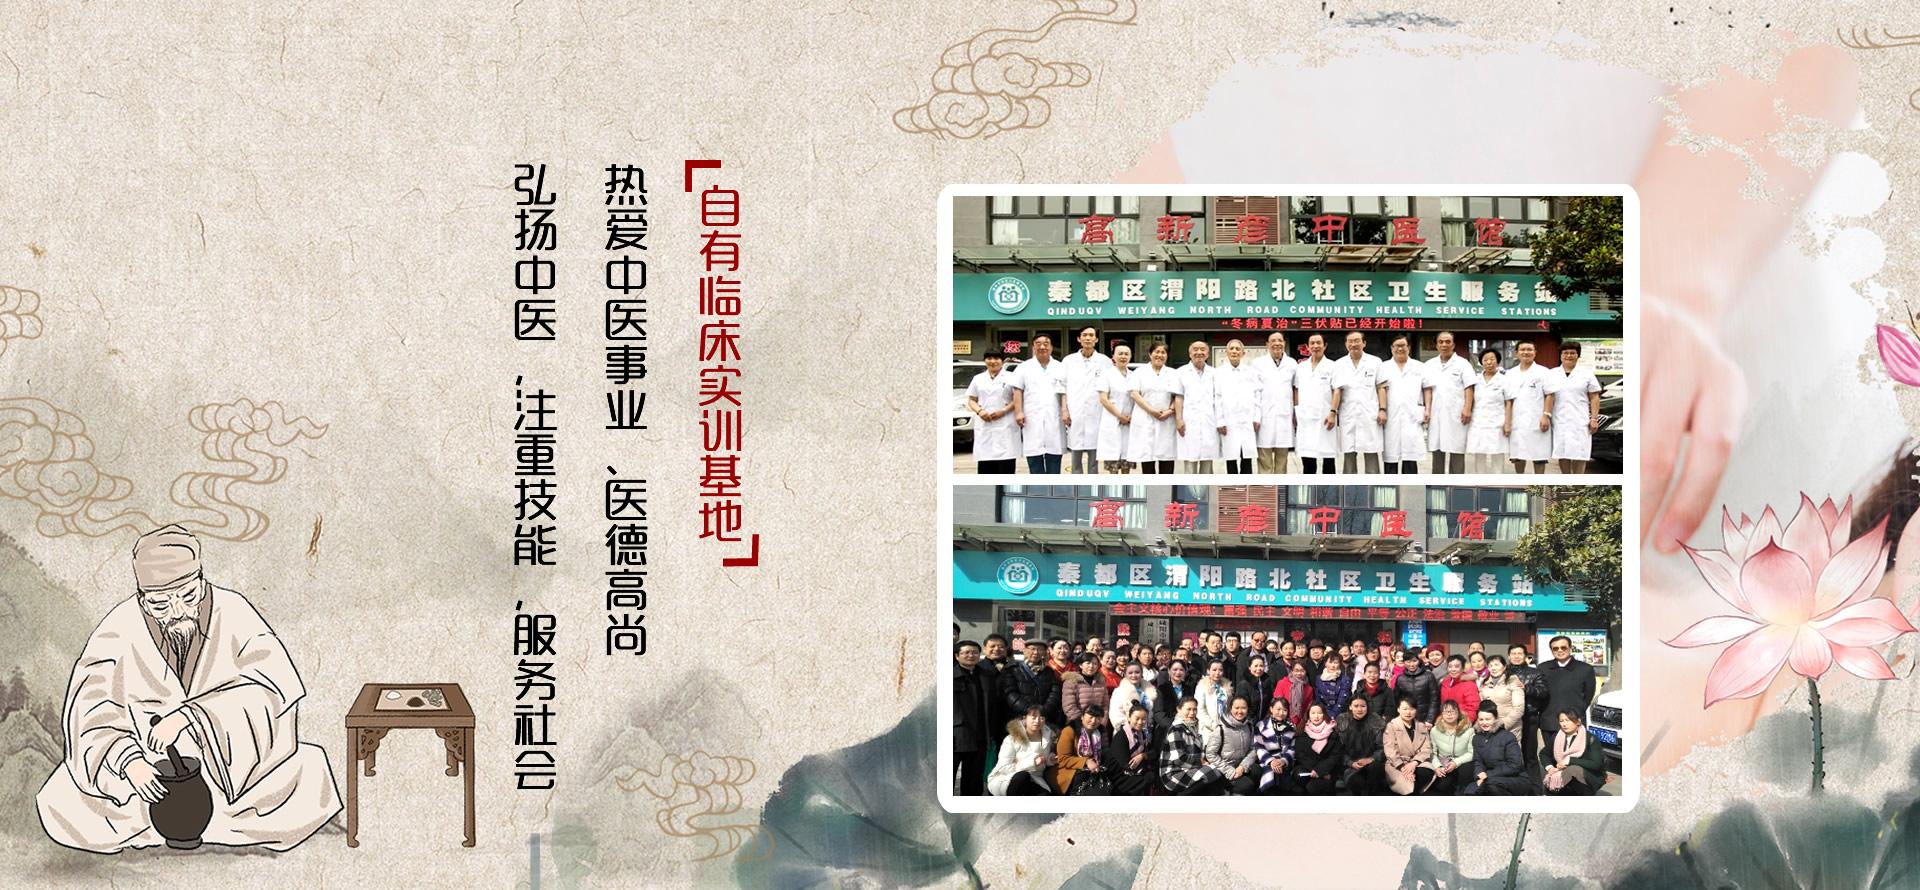 咸阳中医培训机构